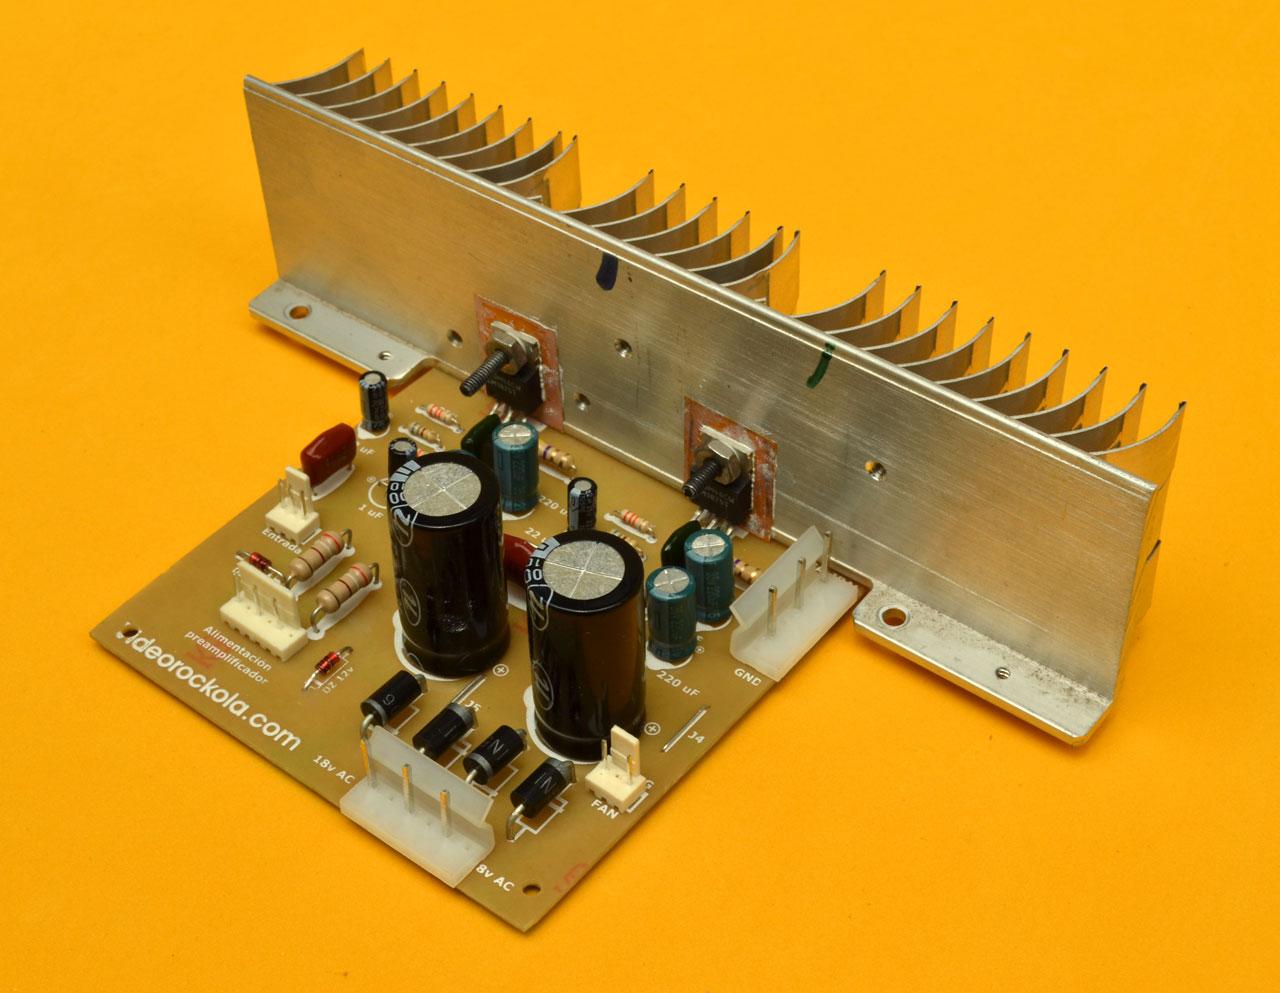 Circuito De Amplificador De Audio De 1000w Pdf : Construya su videorockola gt amplificador de w con